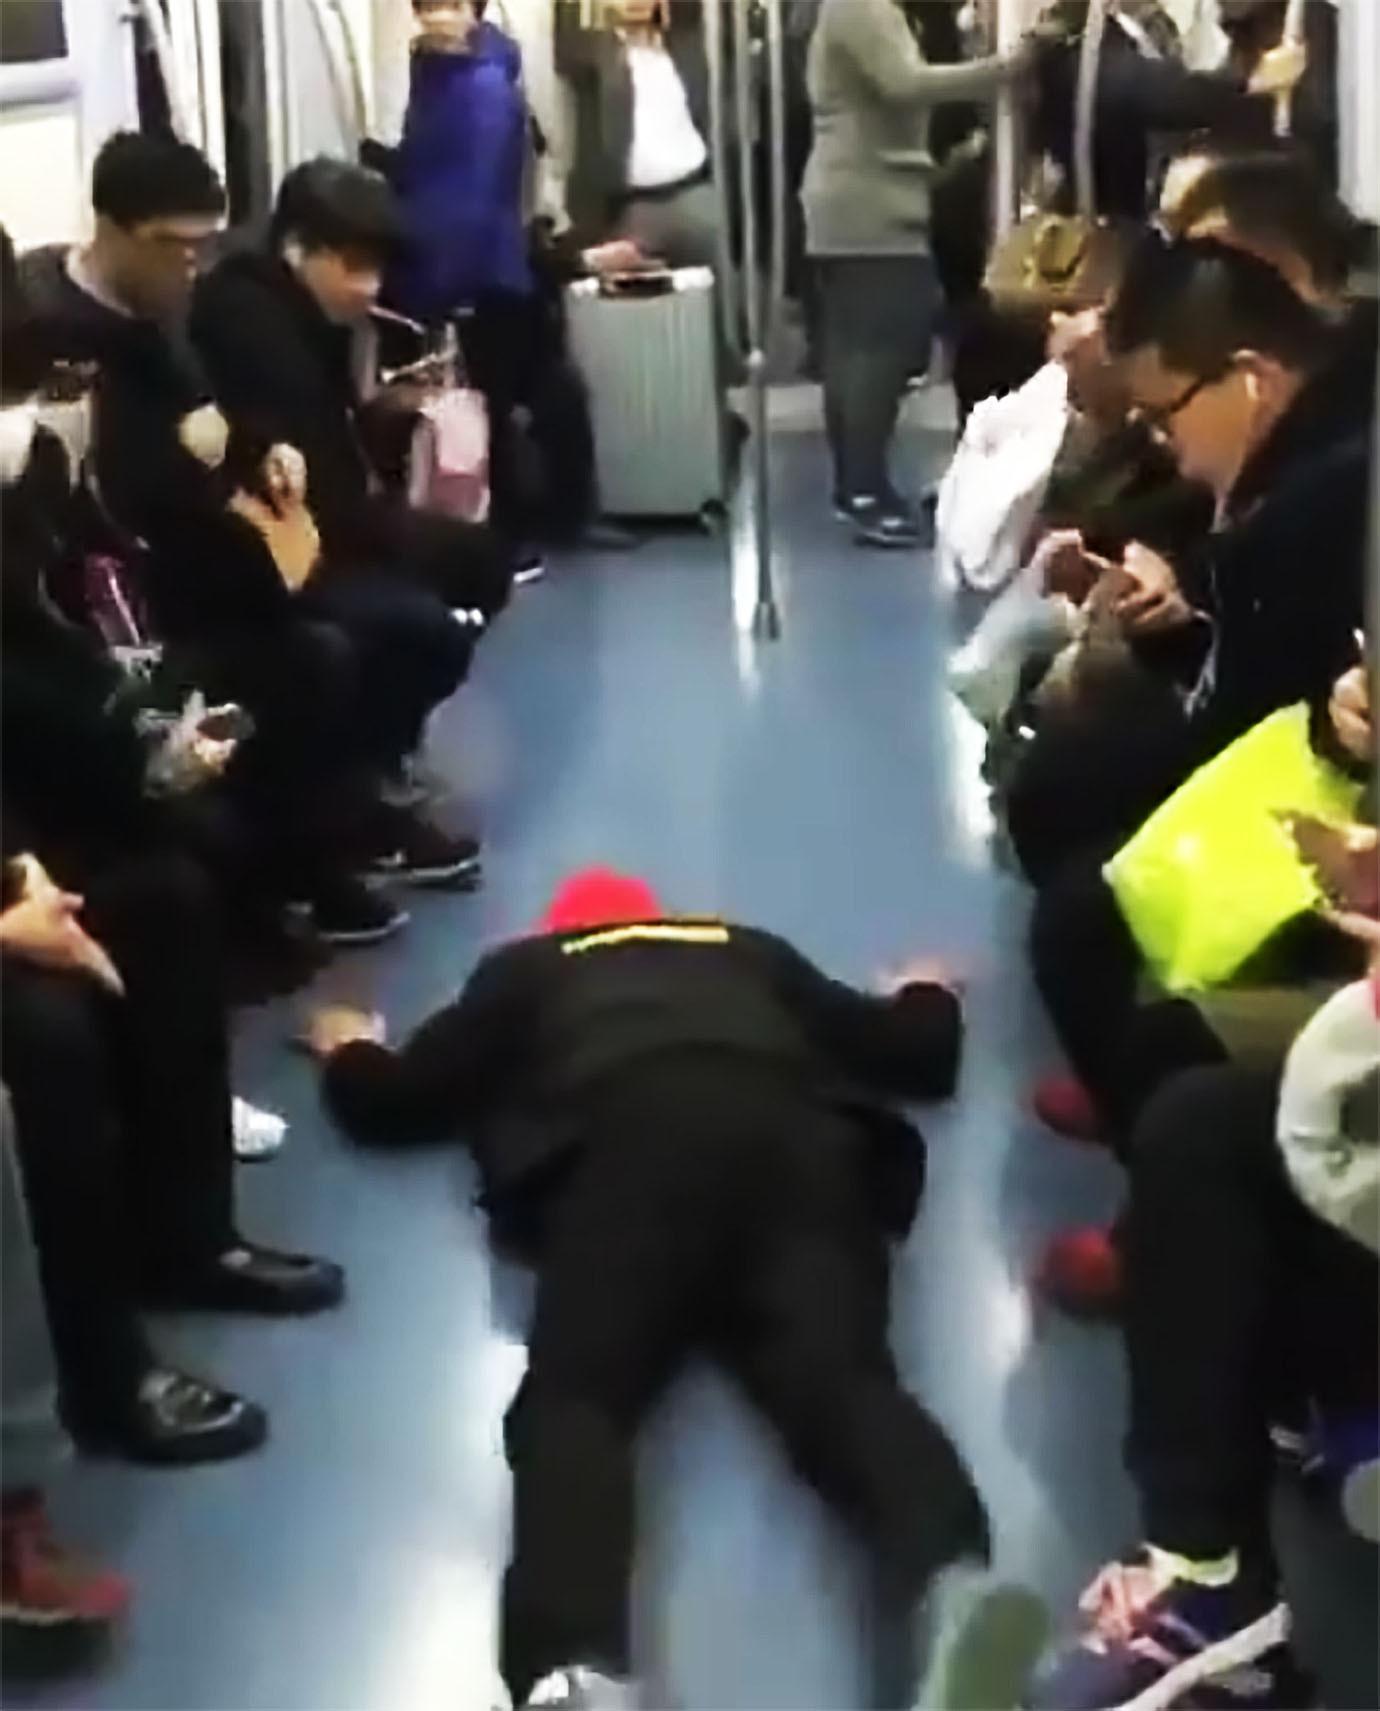 【衝撃動画】中国式の「満員電車で絶対に座席にすわる方法」が話題にwwwwwwwのサムネイル画像